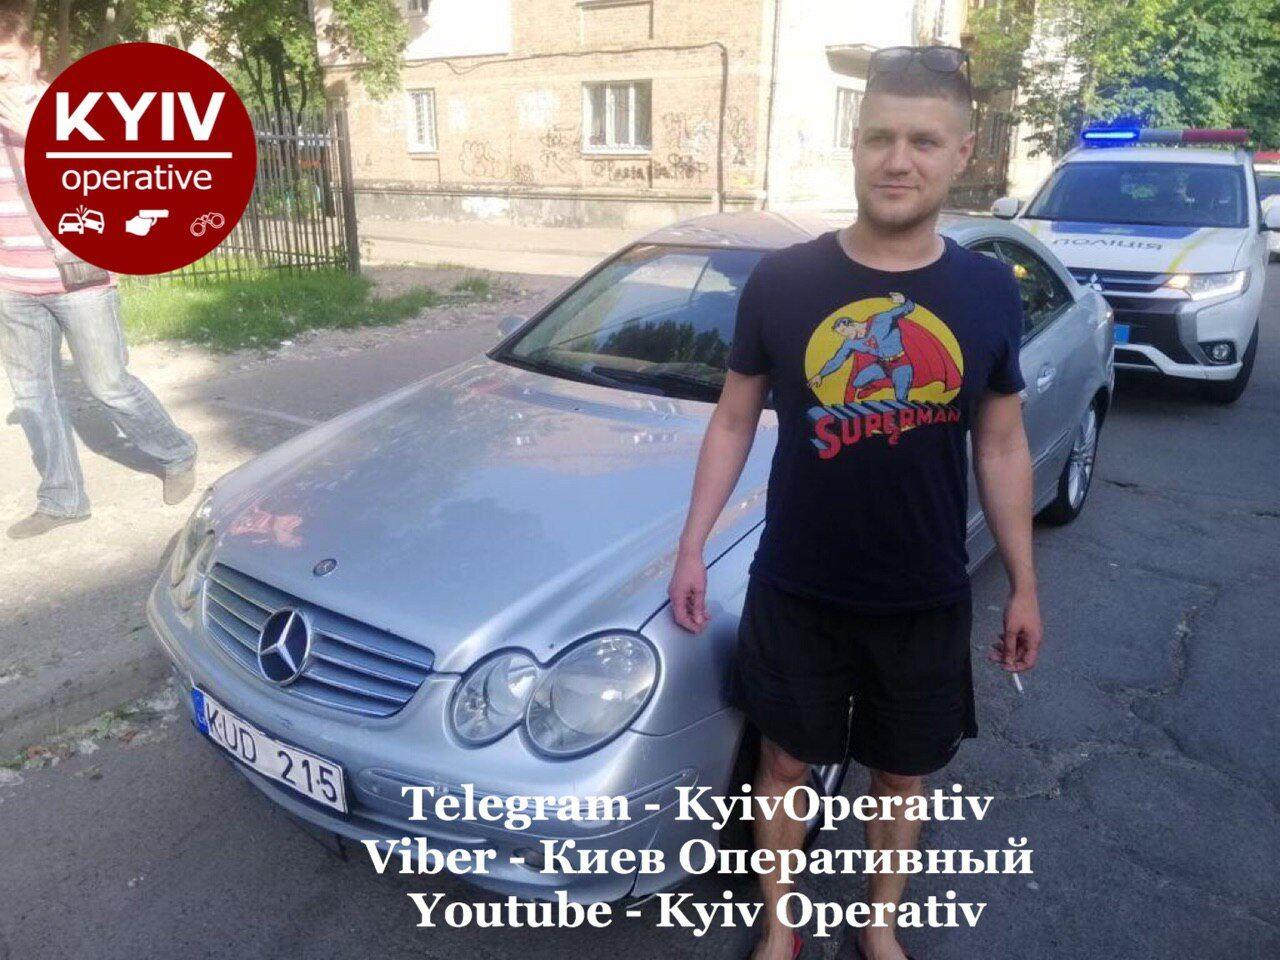 В Киеве авто на переходе сбило женщину и скрылось. Подозреваемый